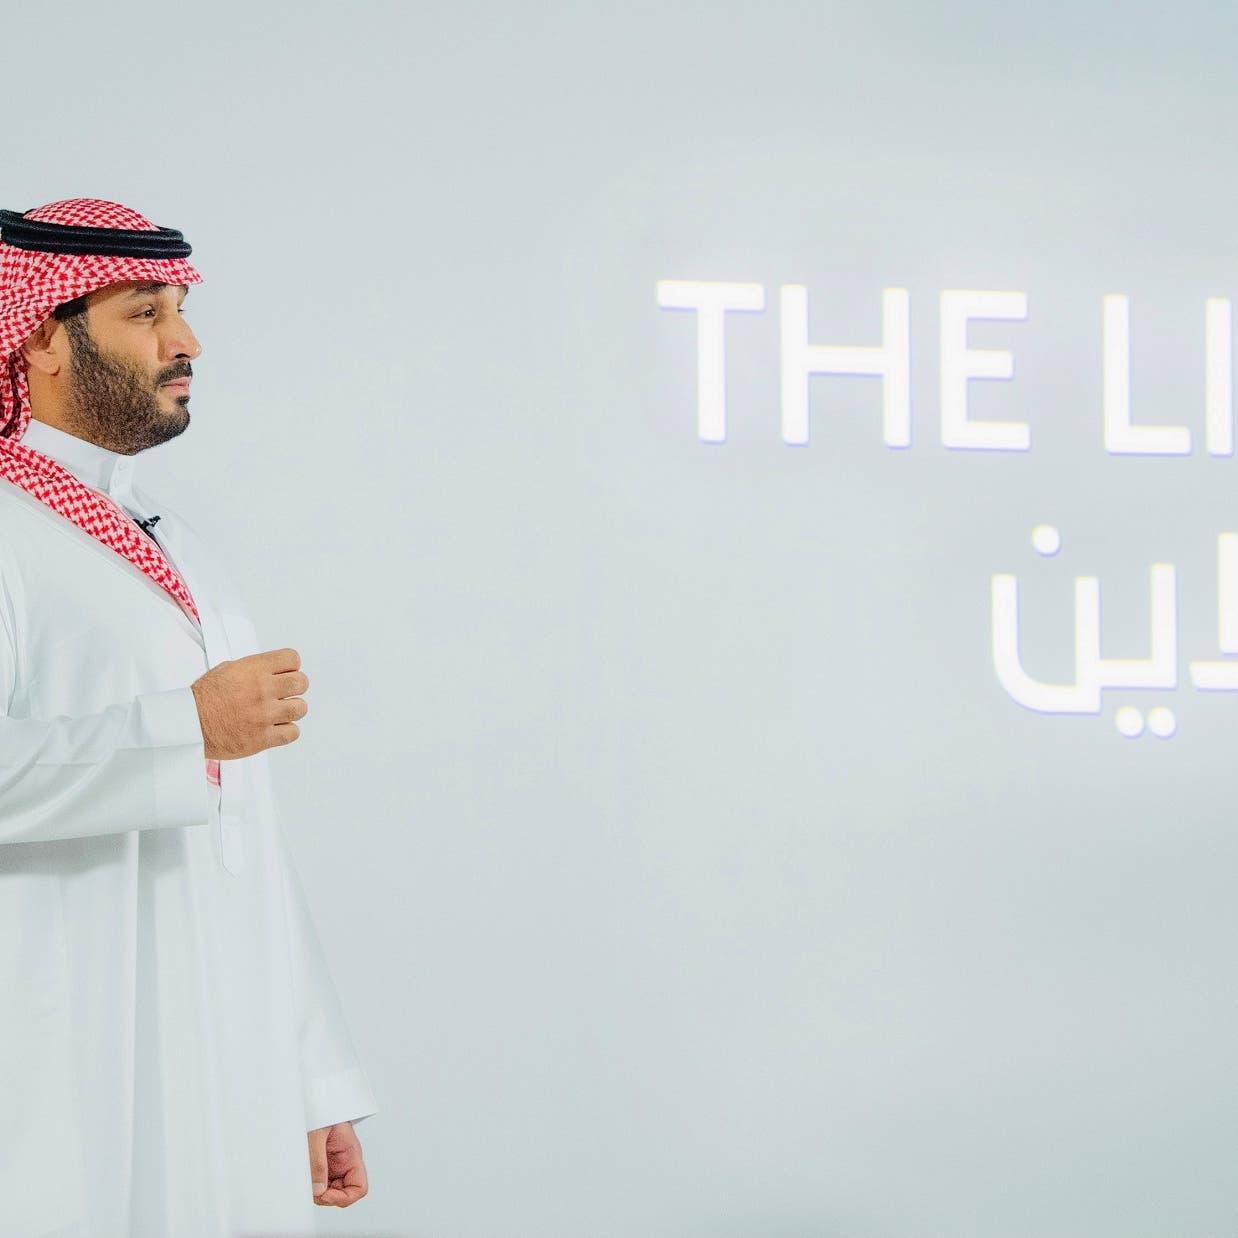 """ولي العهد السعودي: تكلفة البنية التحتية لـ""""ذا لاين"""" بين 100 و200 مليار دولار"""